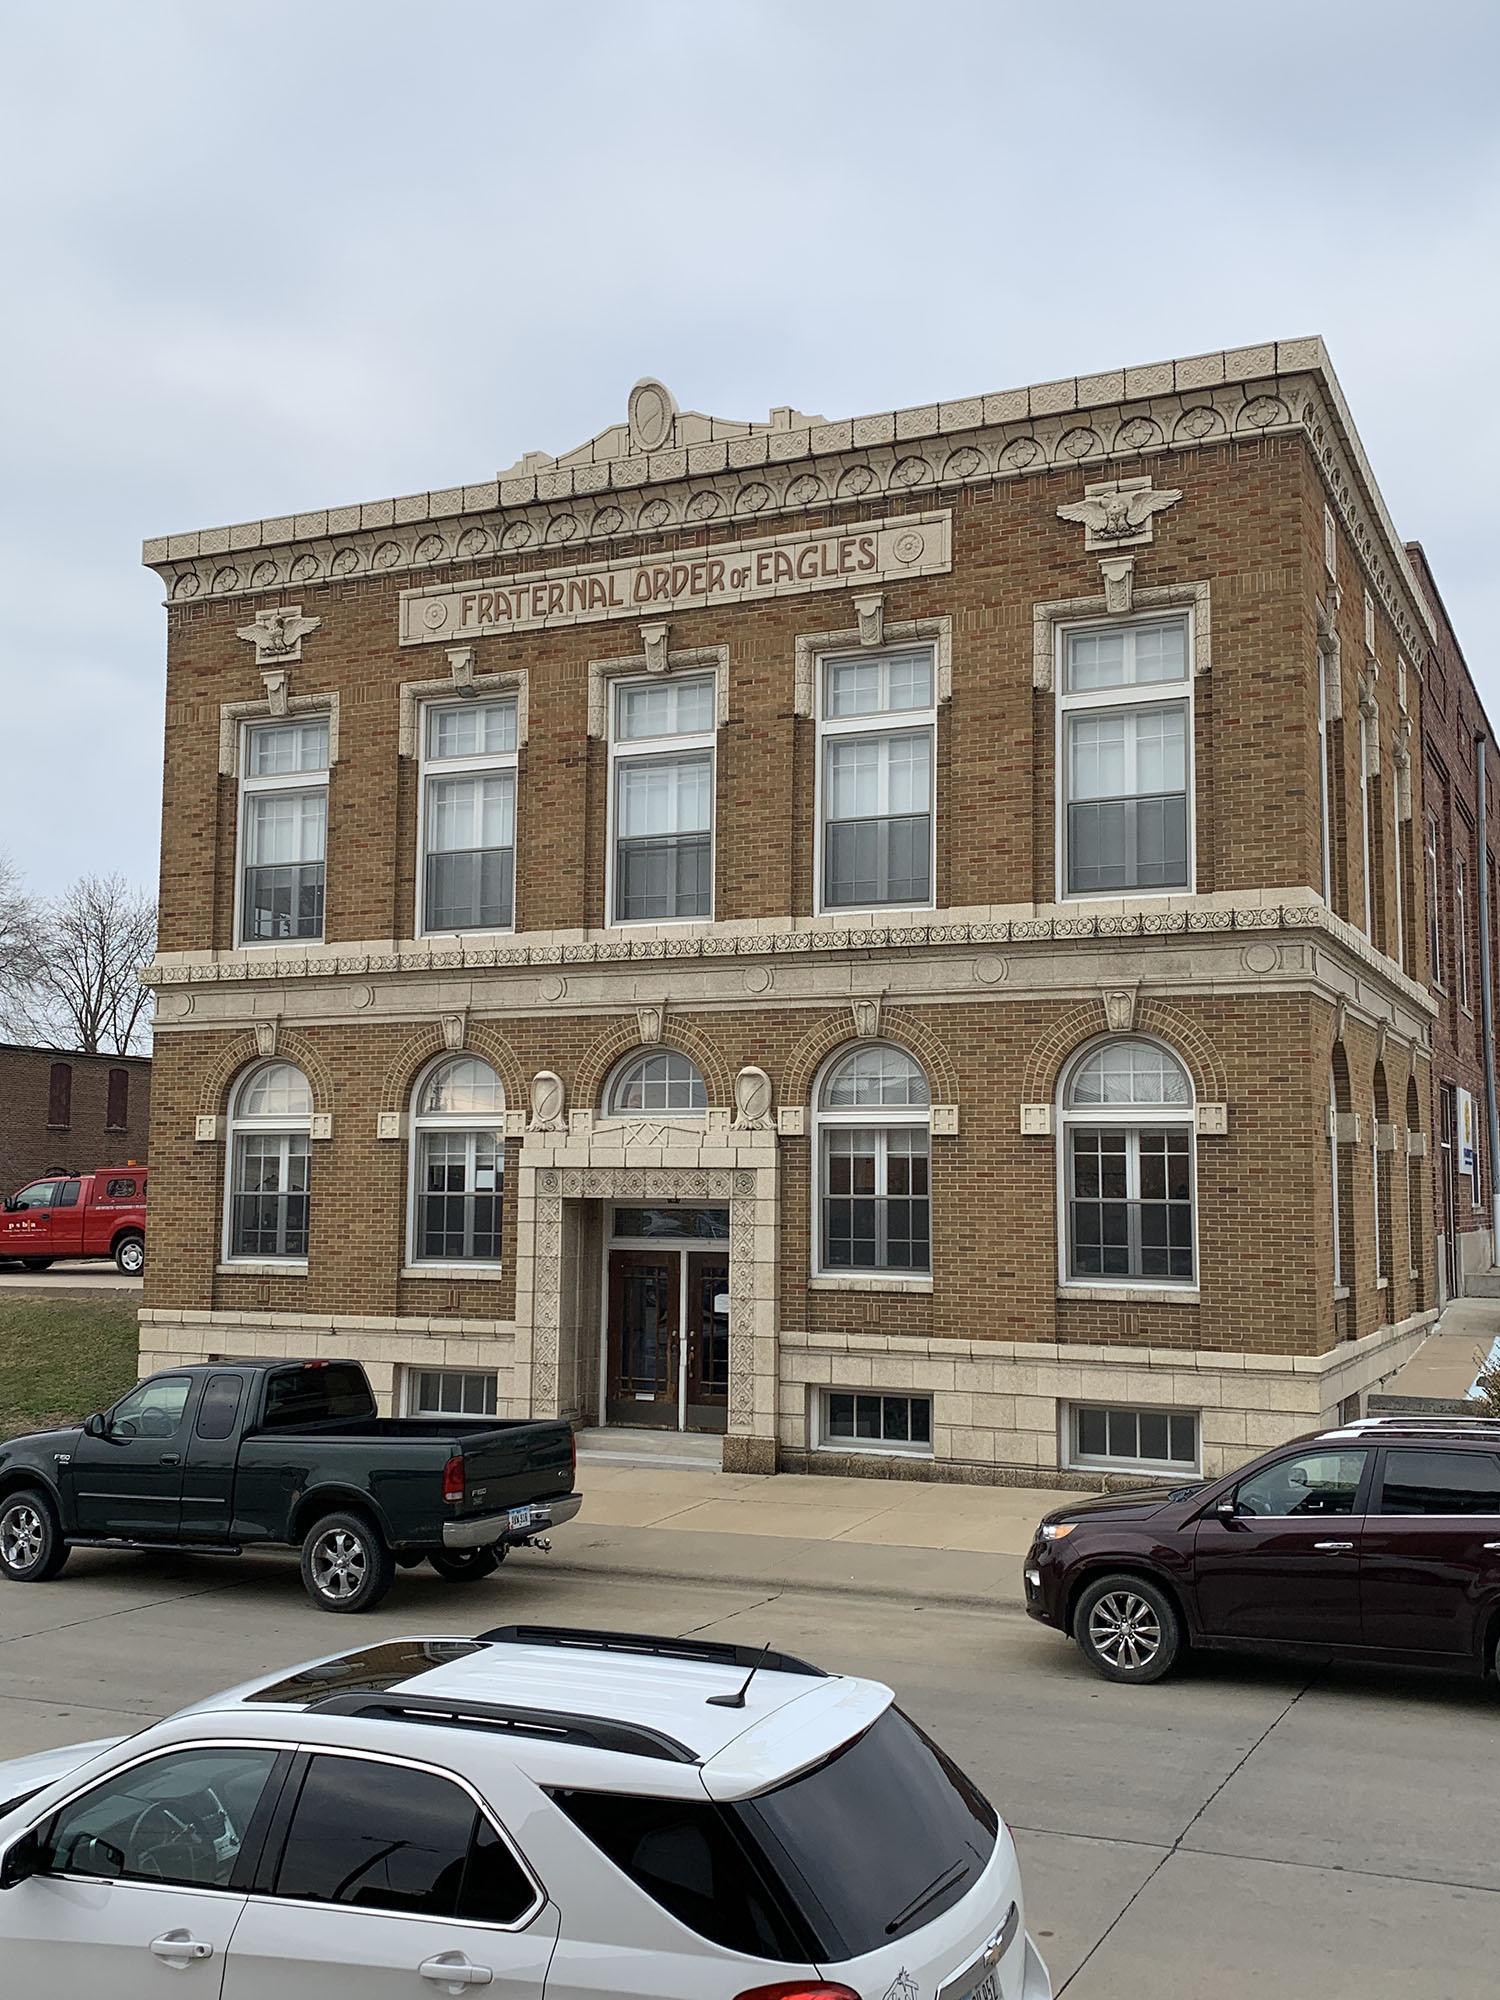 Eagles Building Exterior